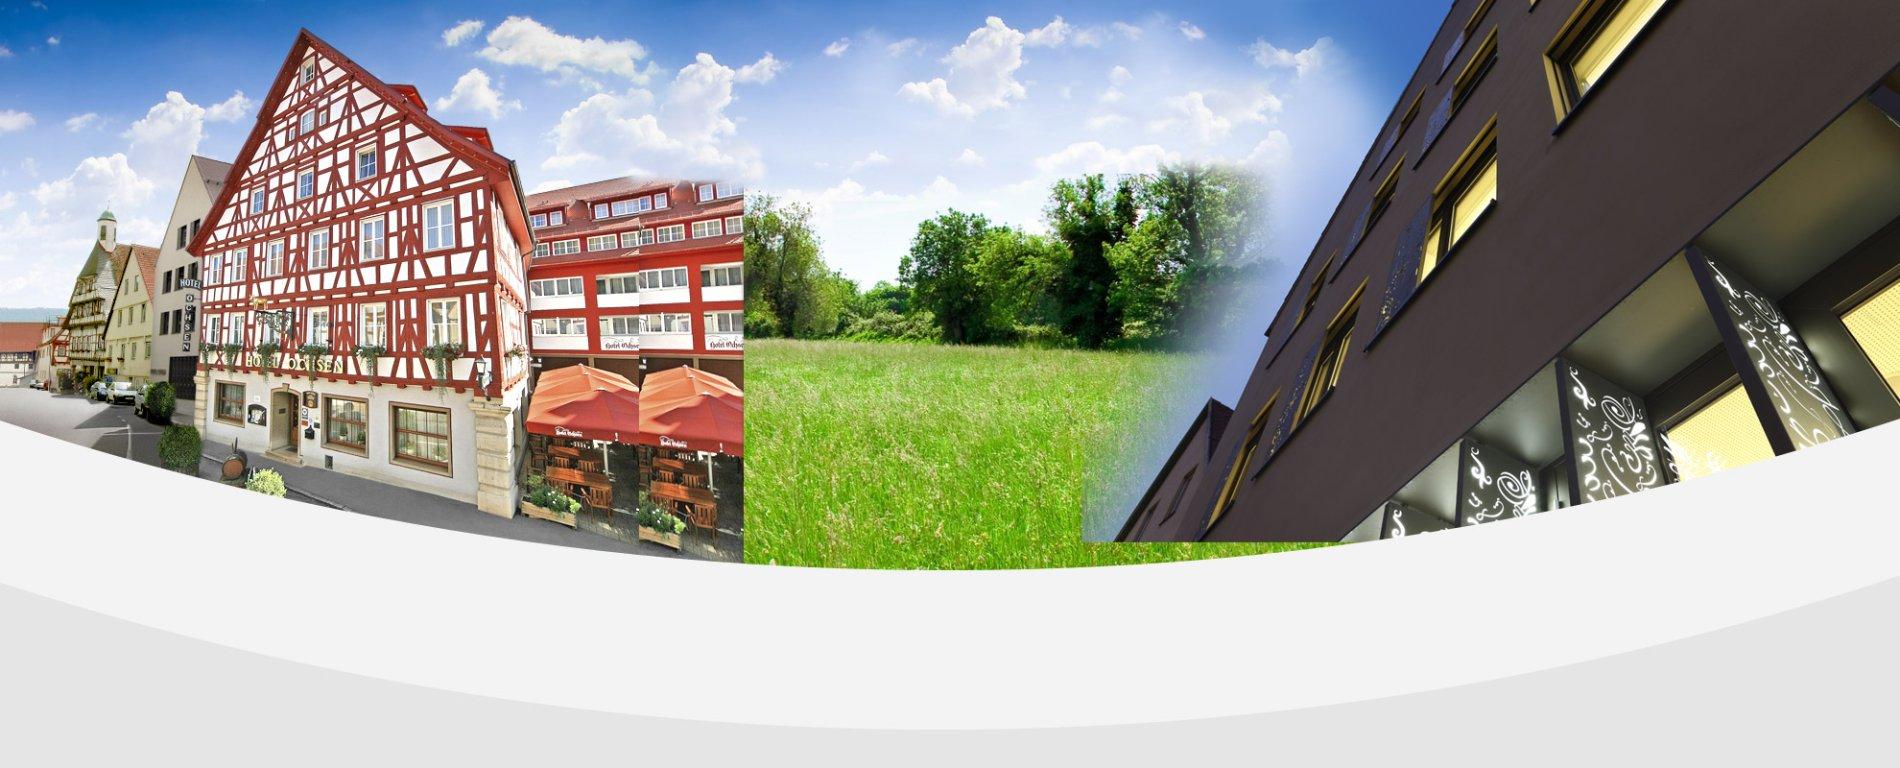 Eine Collage eines Fachwerkhauses, einer Wiese und eines weiteren Hauses.